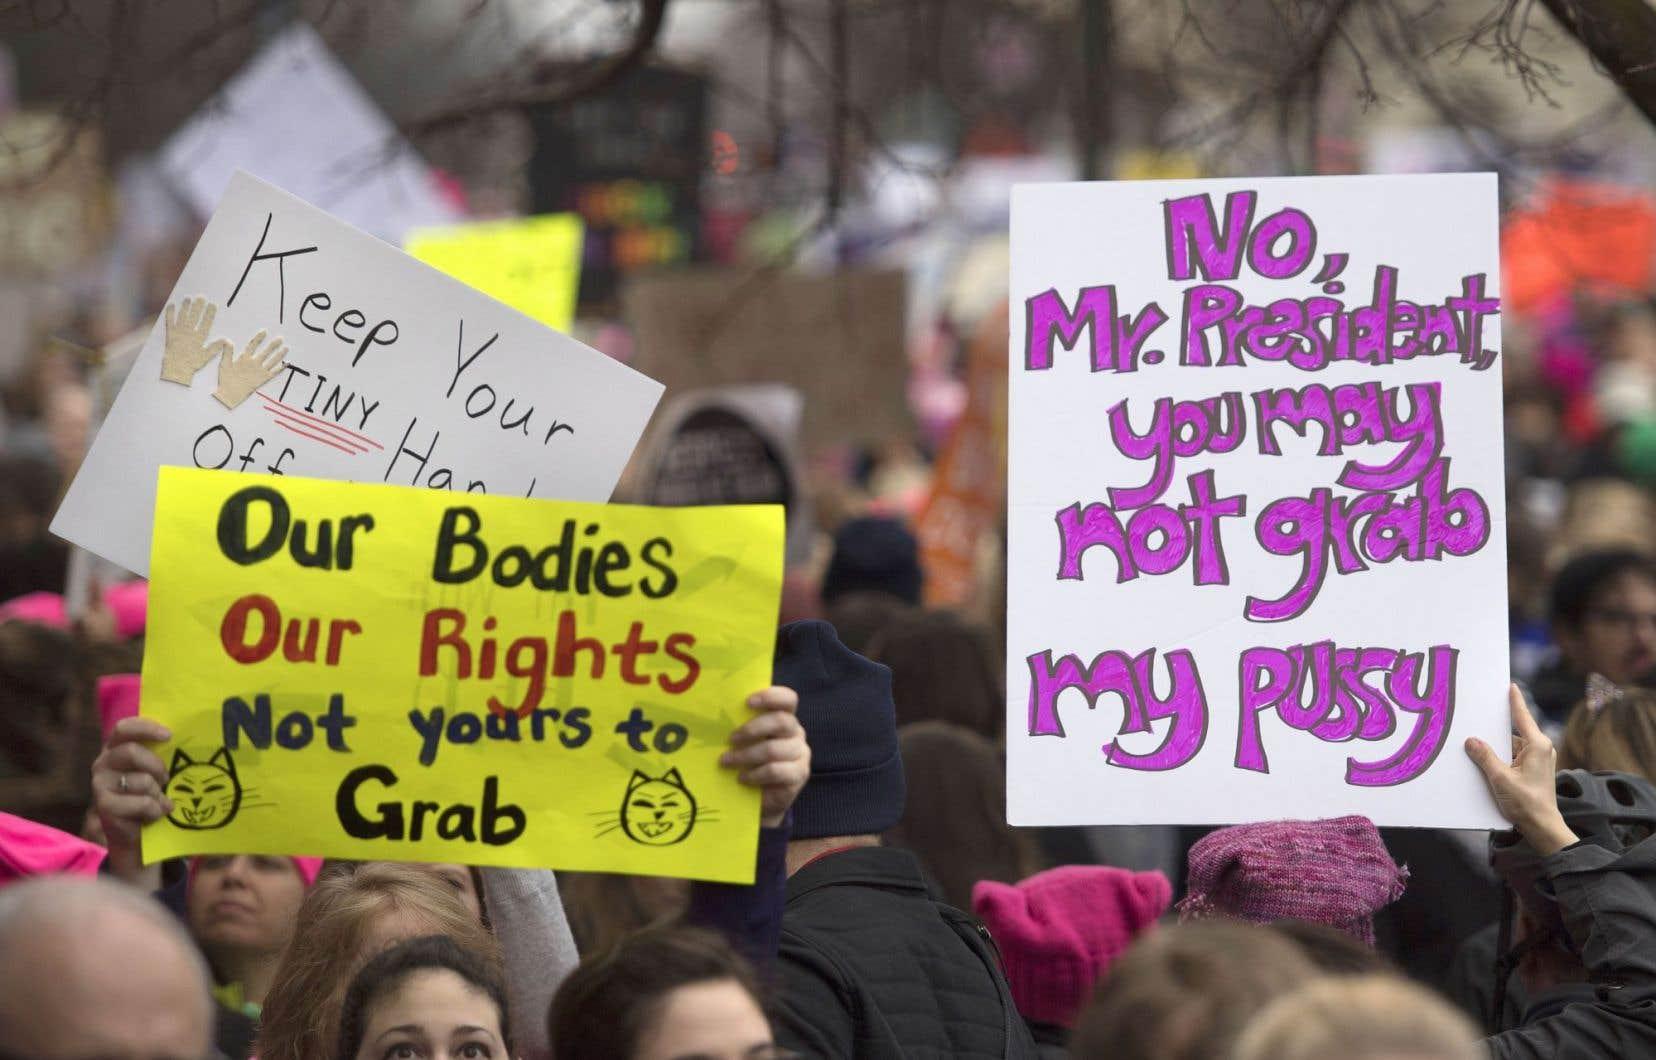 Lors de la Marche des femmes à Washington la semaine dernière, plusieurs manifestantes ont utilisé des slogans reprenant les mots vulgaires utilisés par Trump et qui posent des difficultés aux traducteurs.